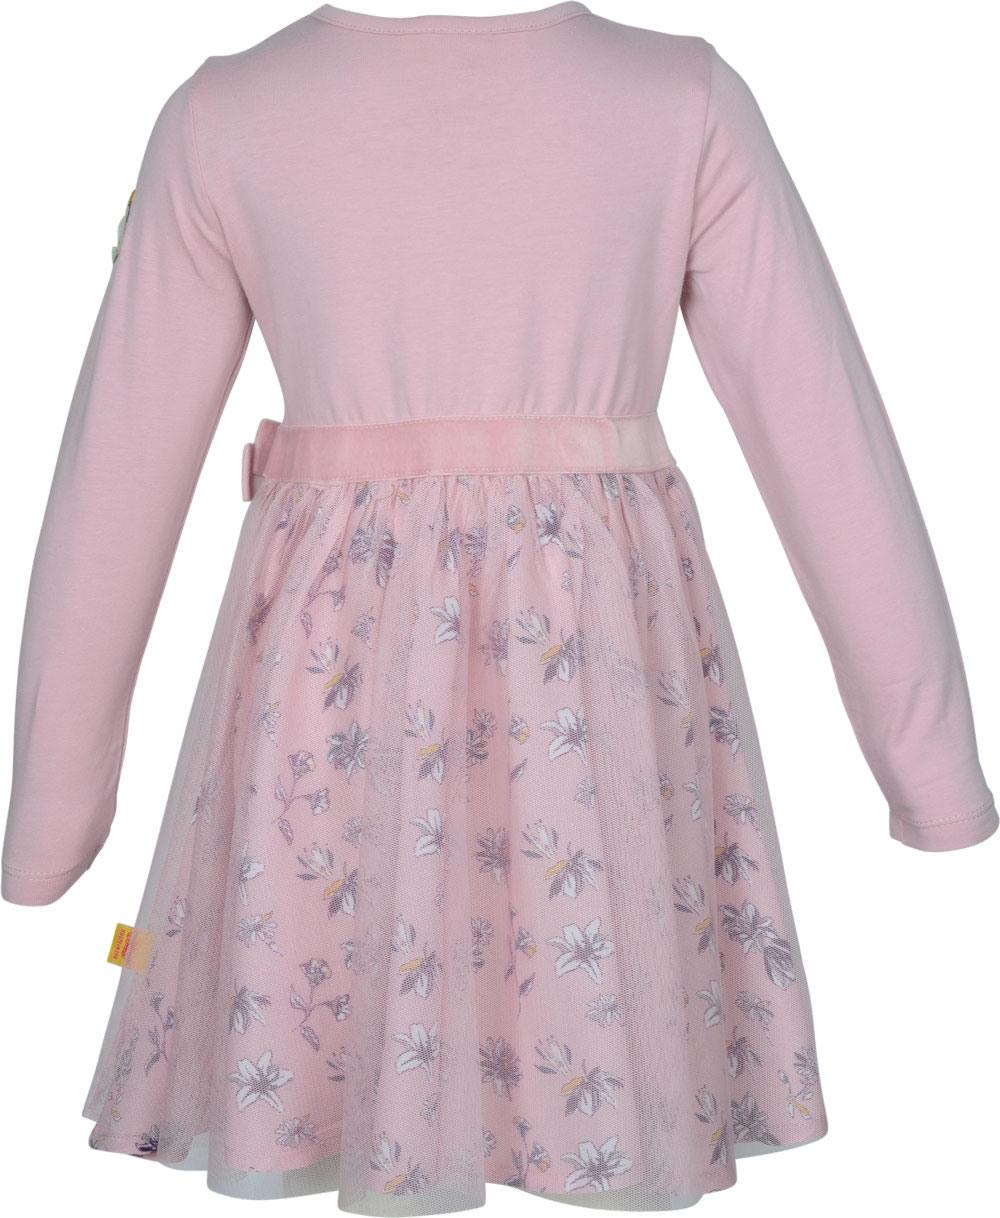 10 Kreativ Rosa Kleid Langarm DesignAbend Schön Rosa Kleid Langarm Stylish